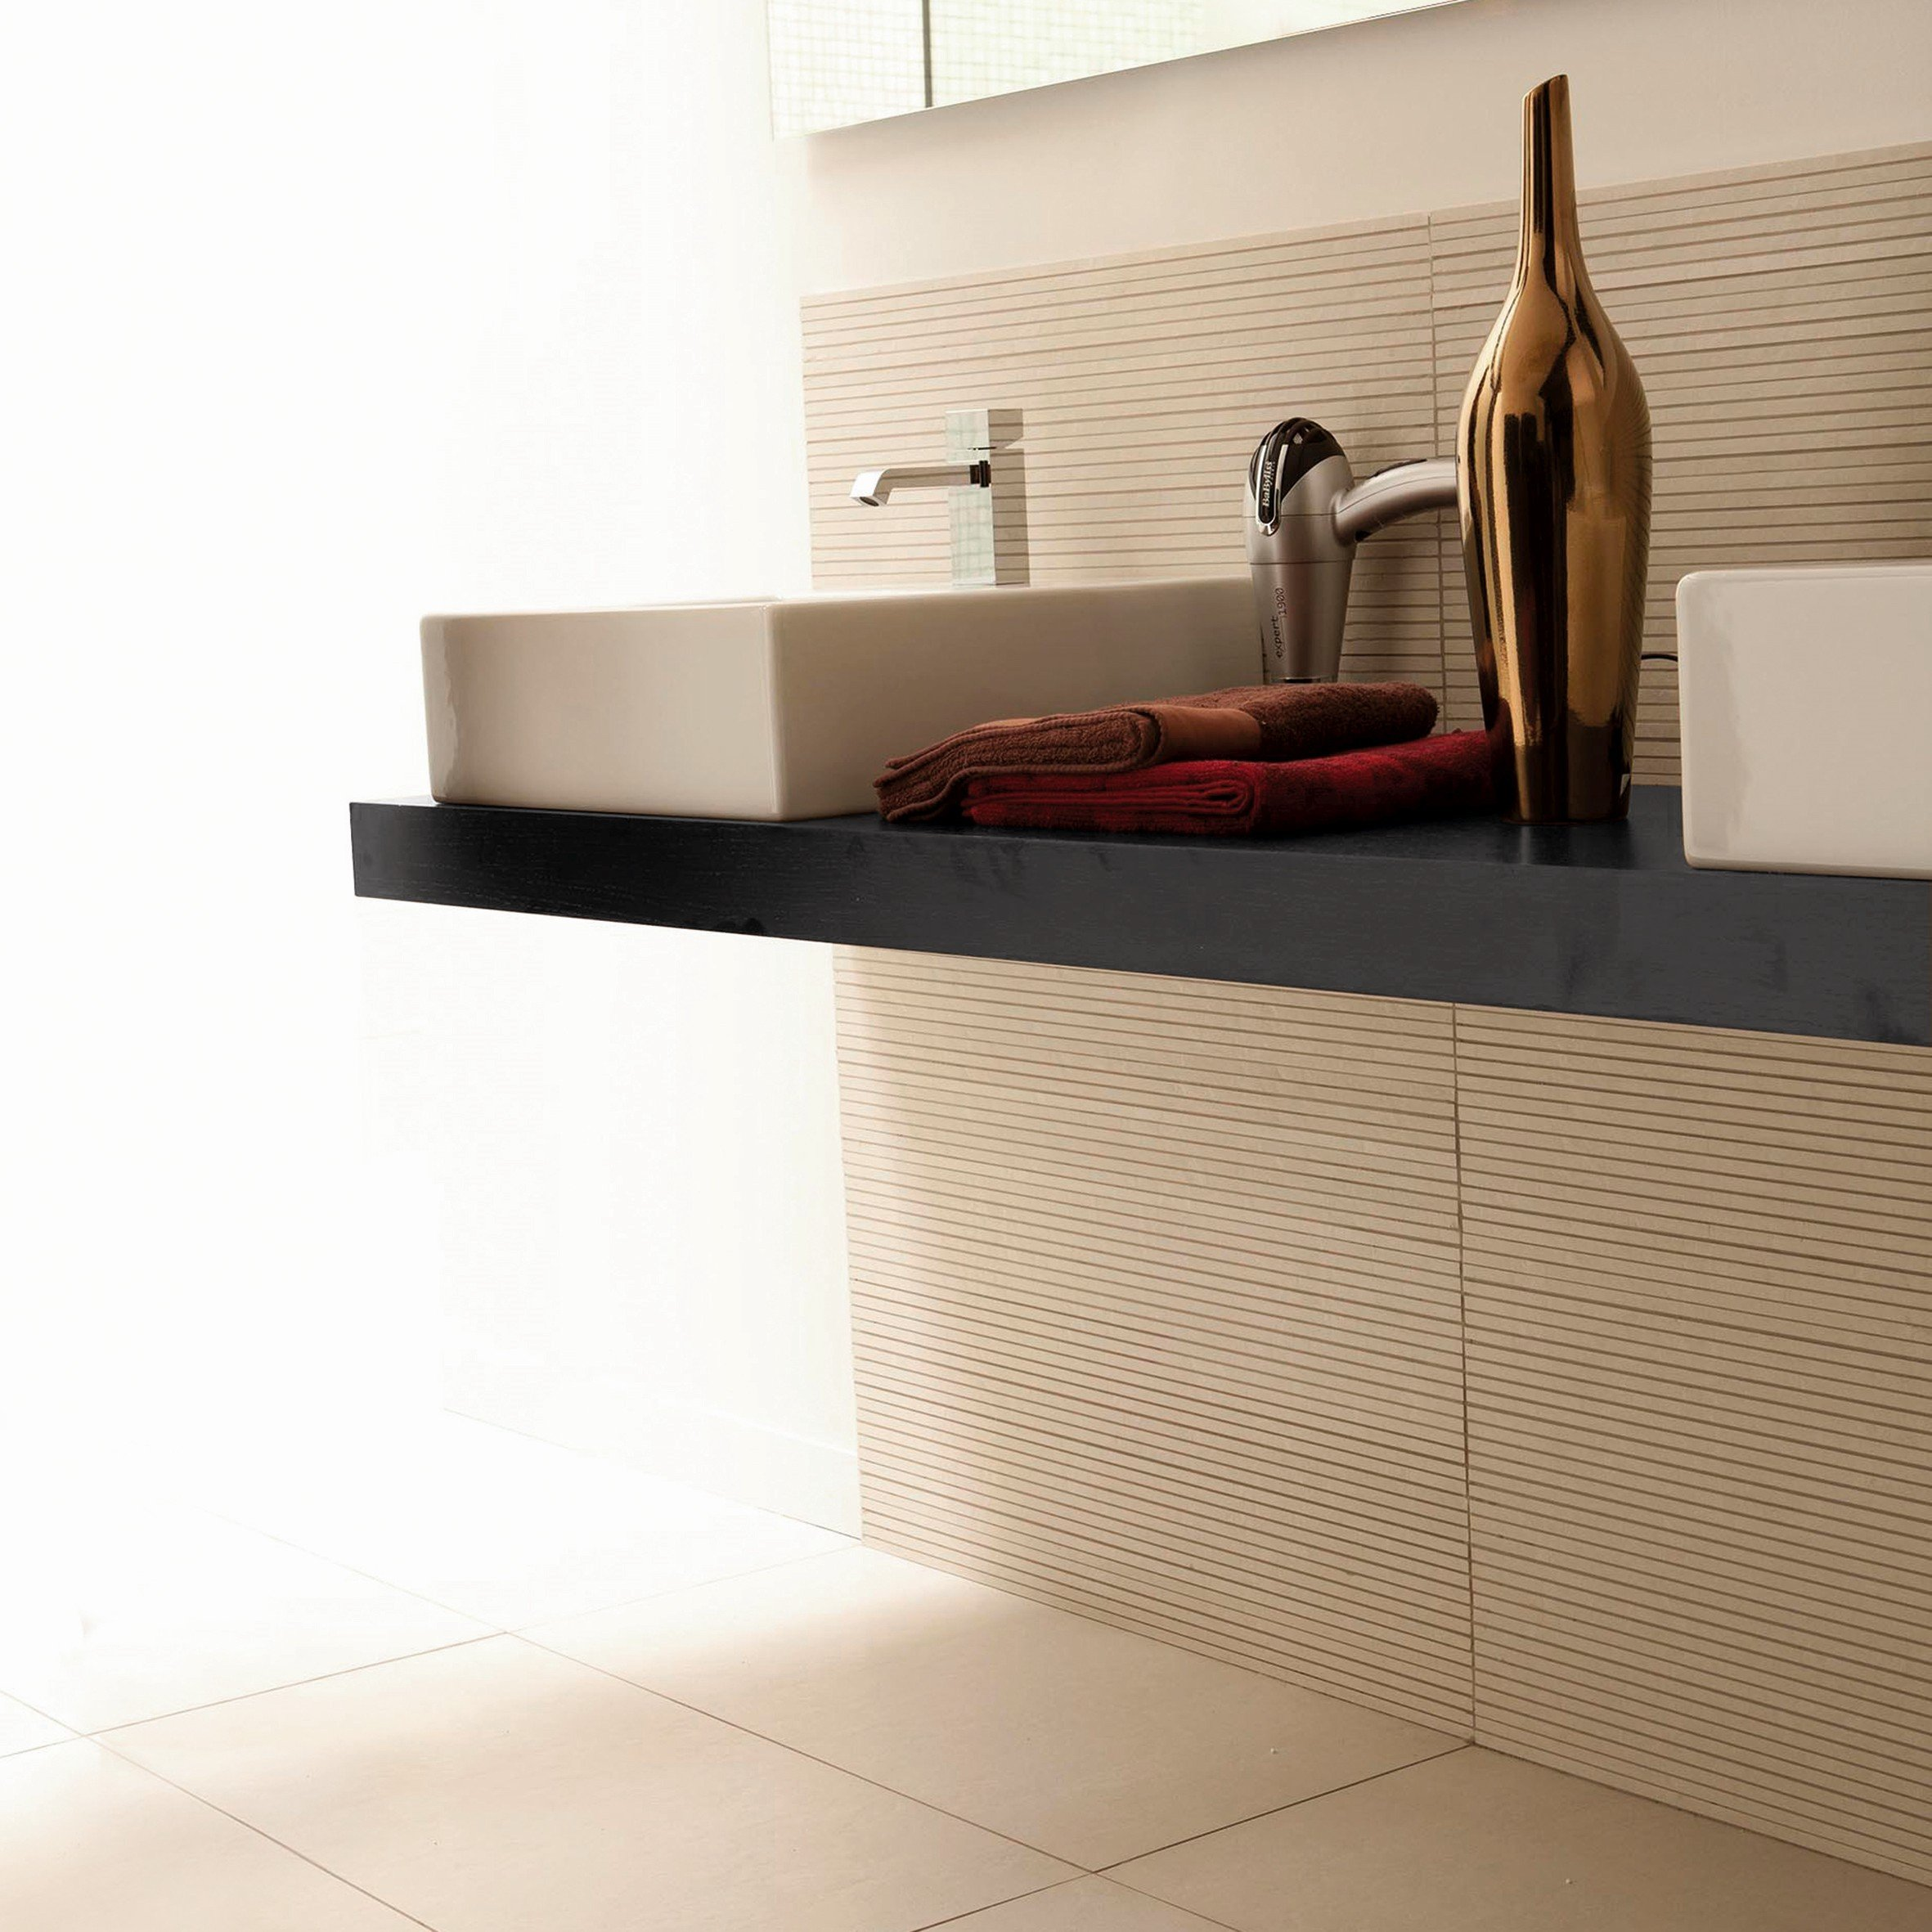 Mensole e piani d\'appoggio per il lavabo - Cose di Casa